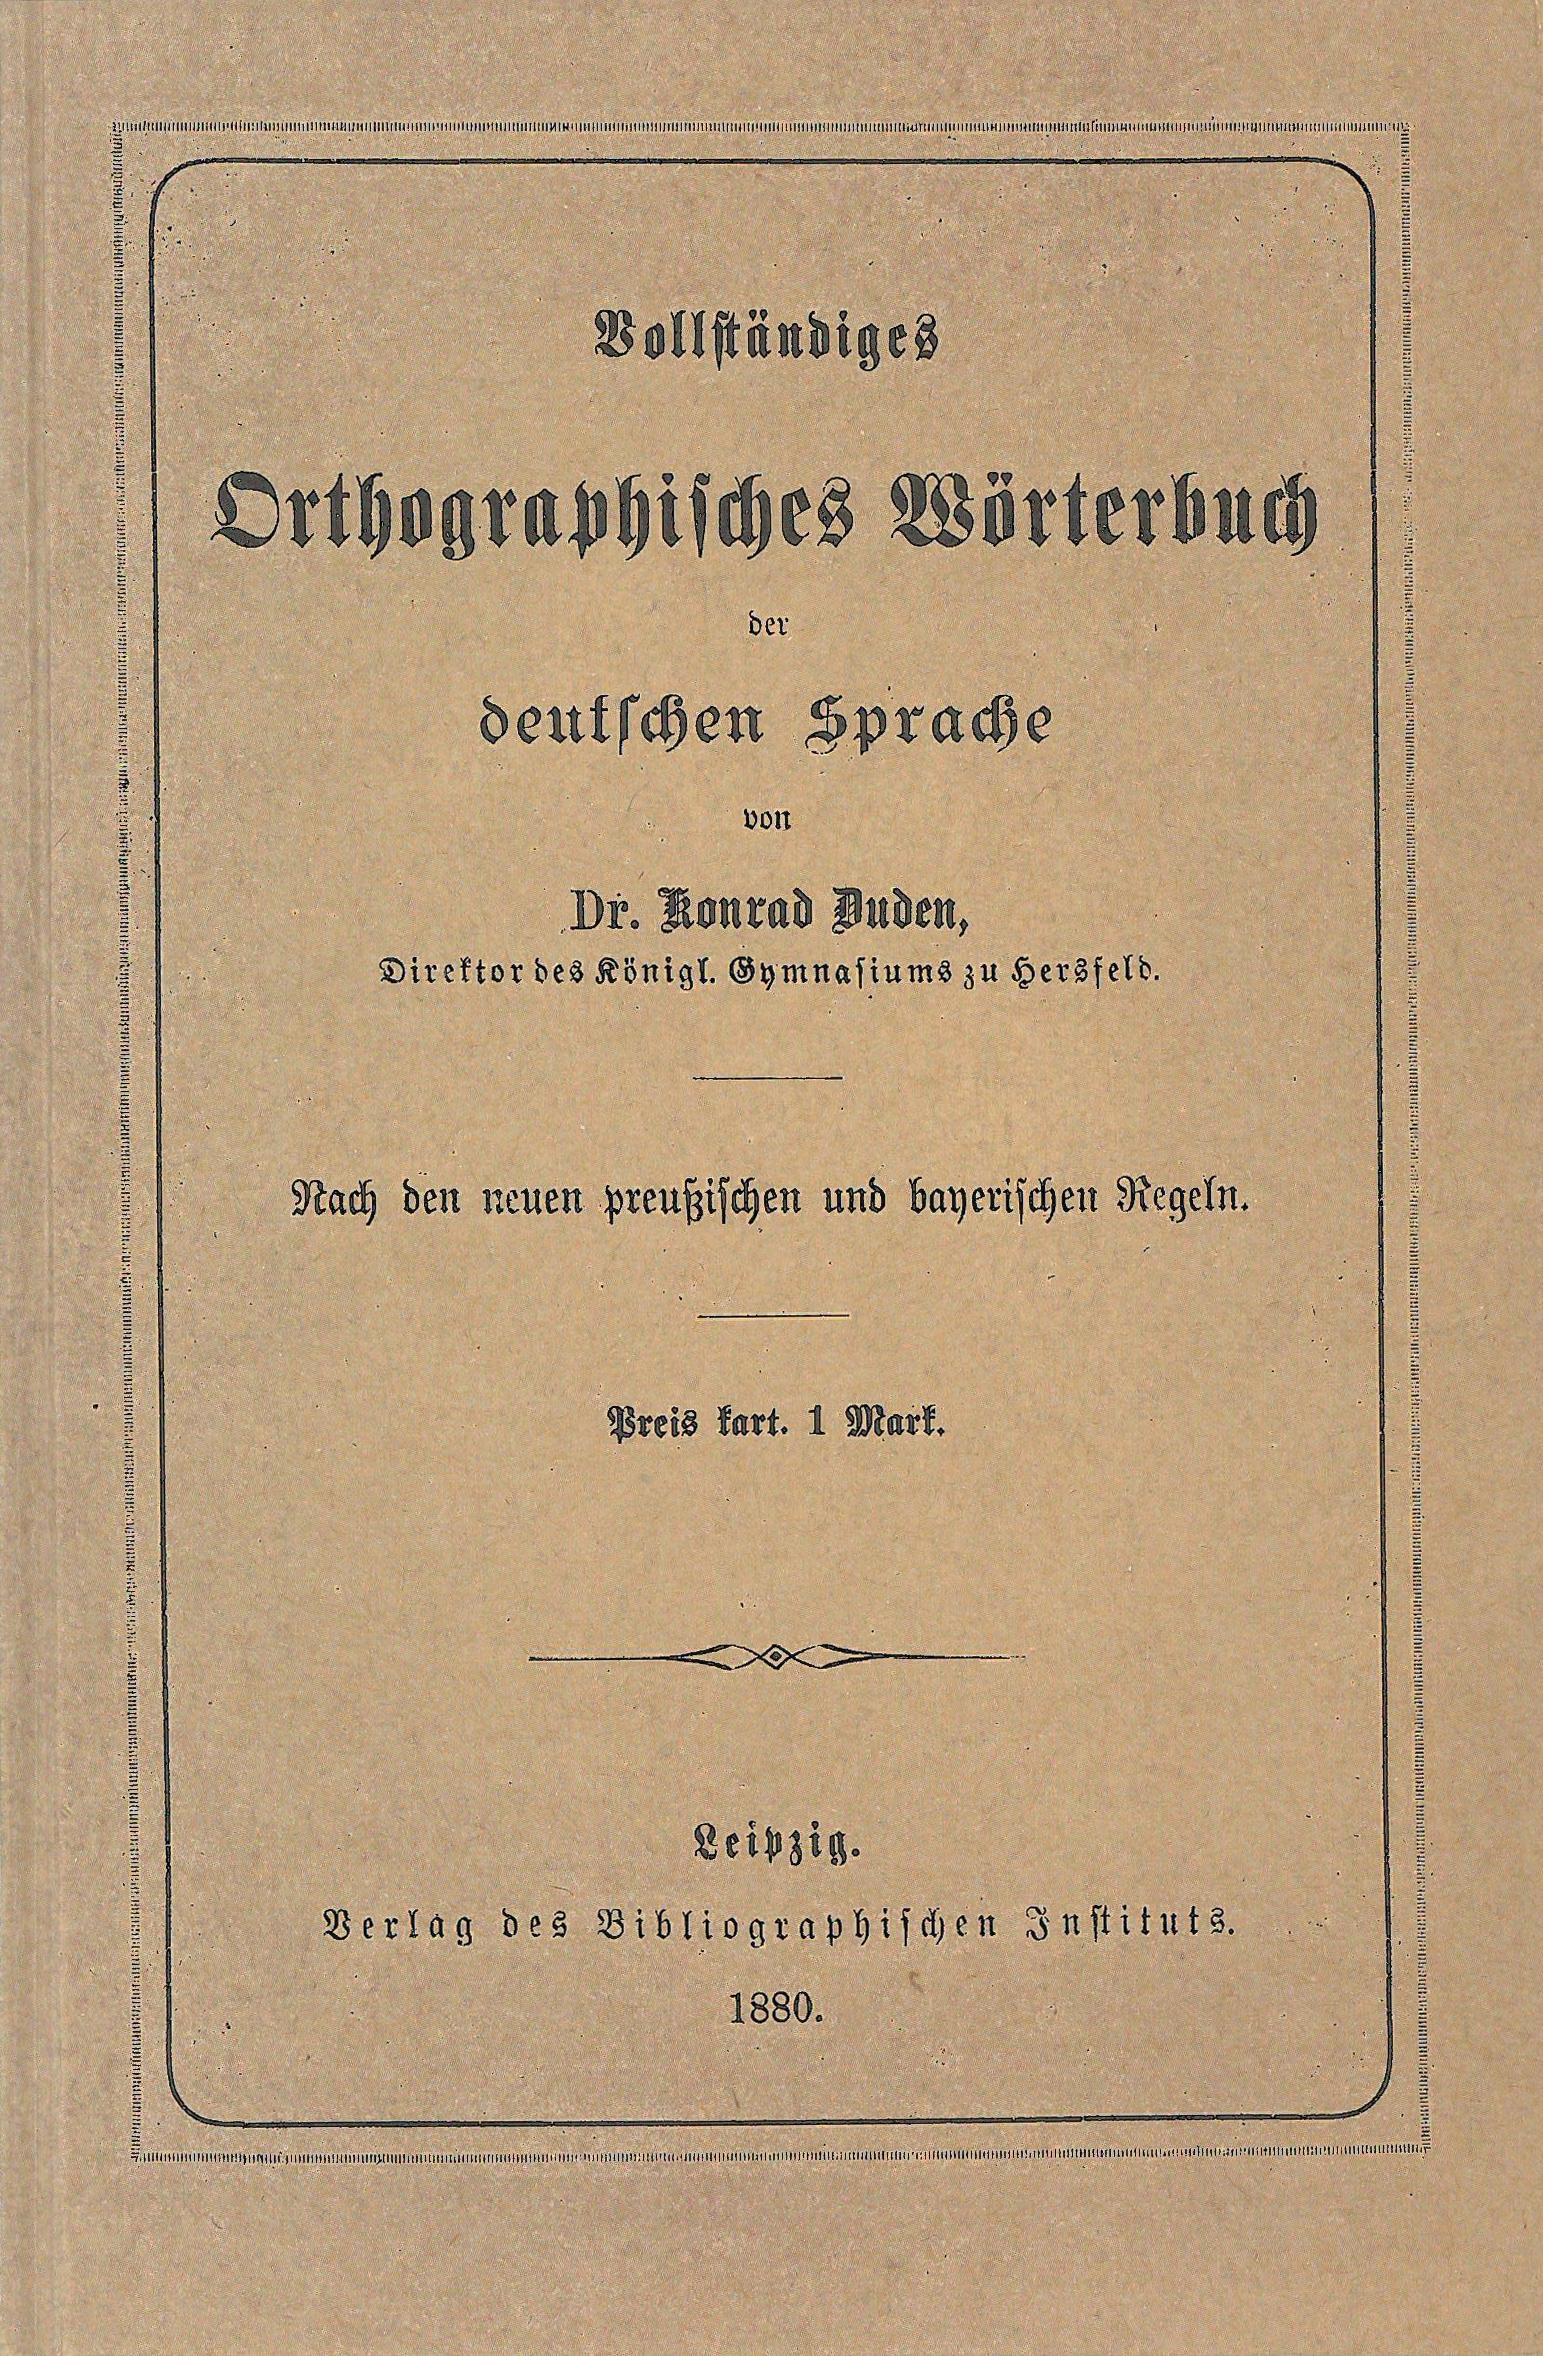 Buchcover Duden von 1880